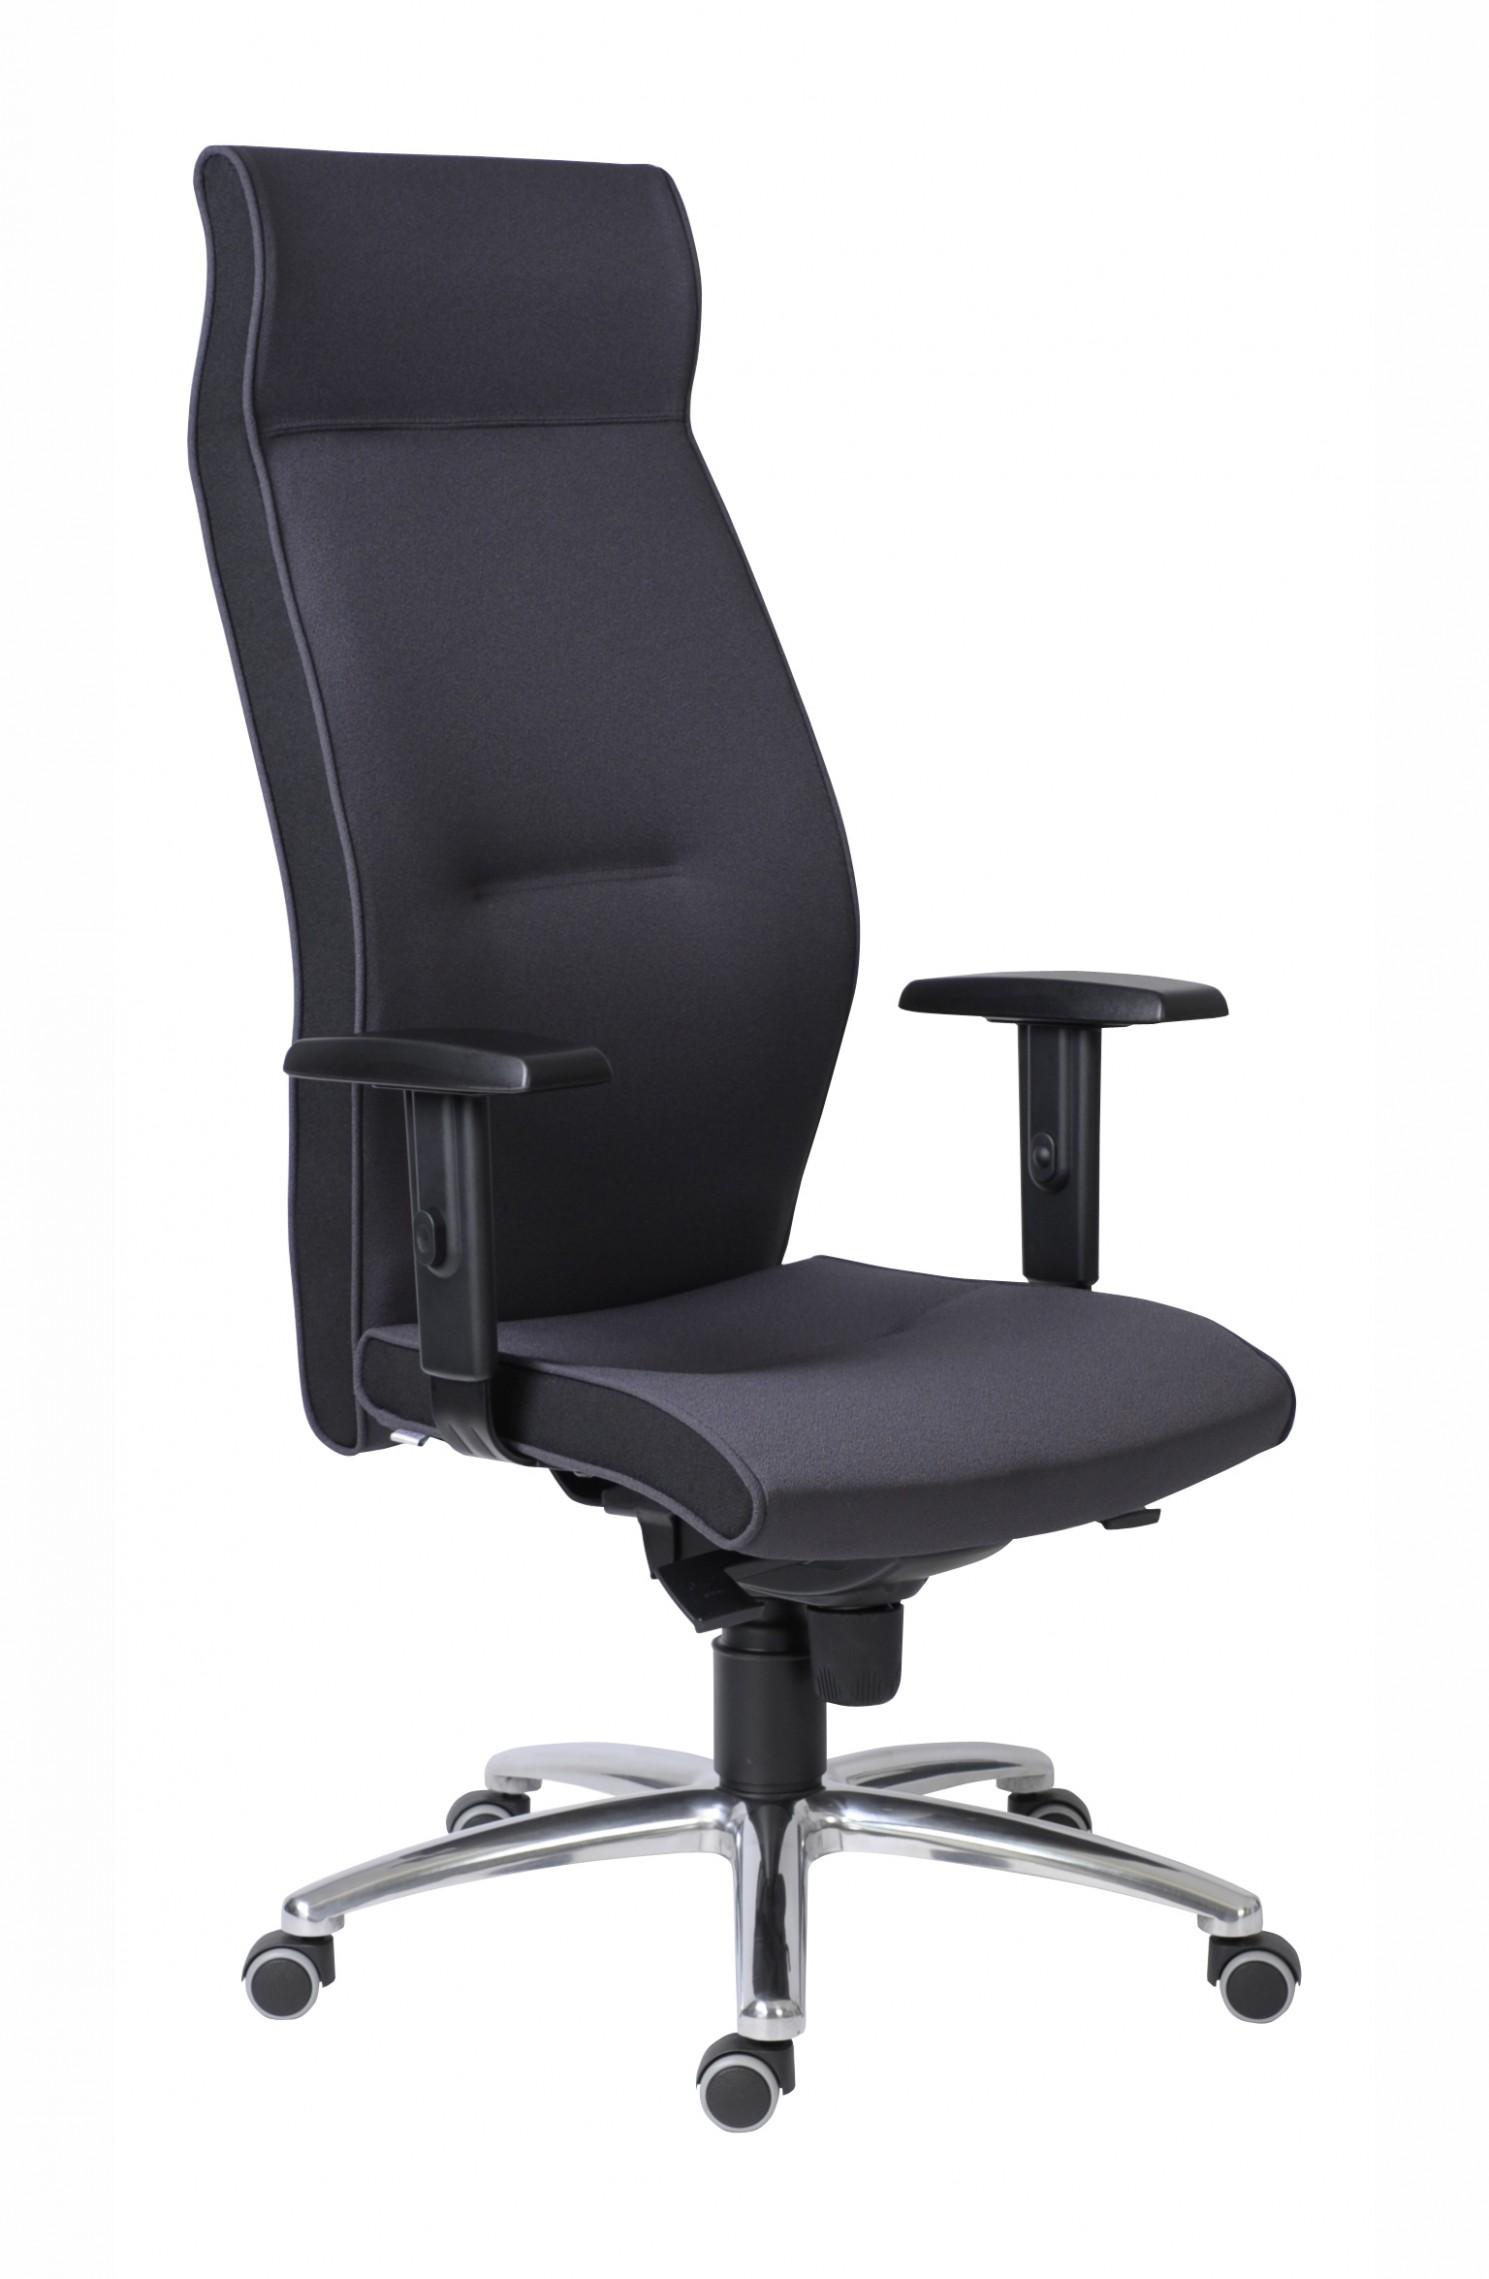 Kancelářská židle Antares